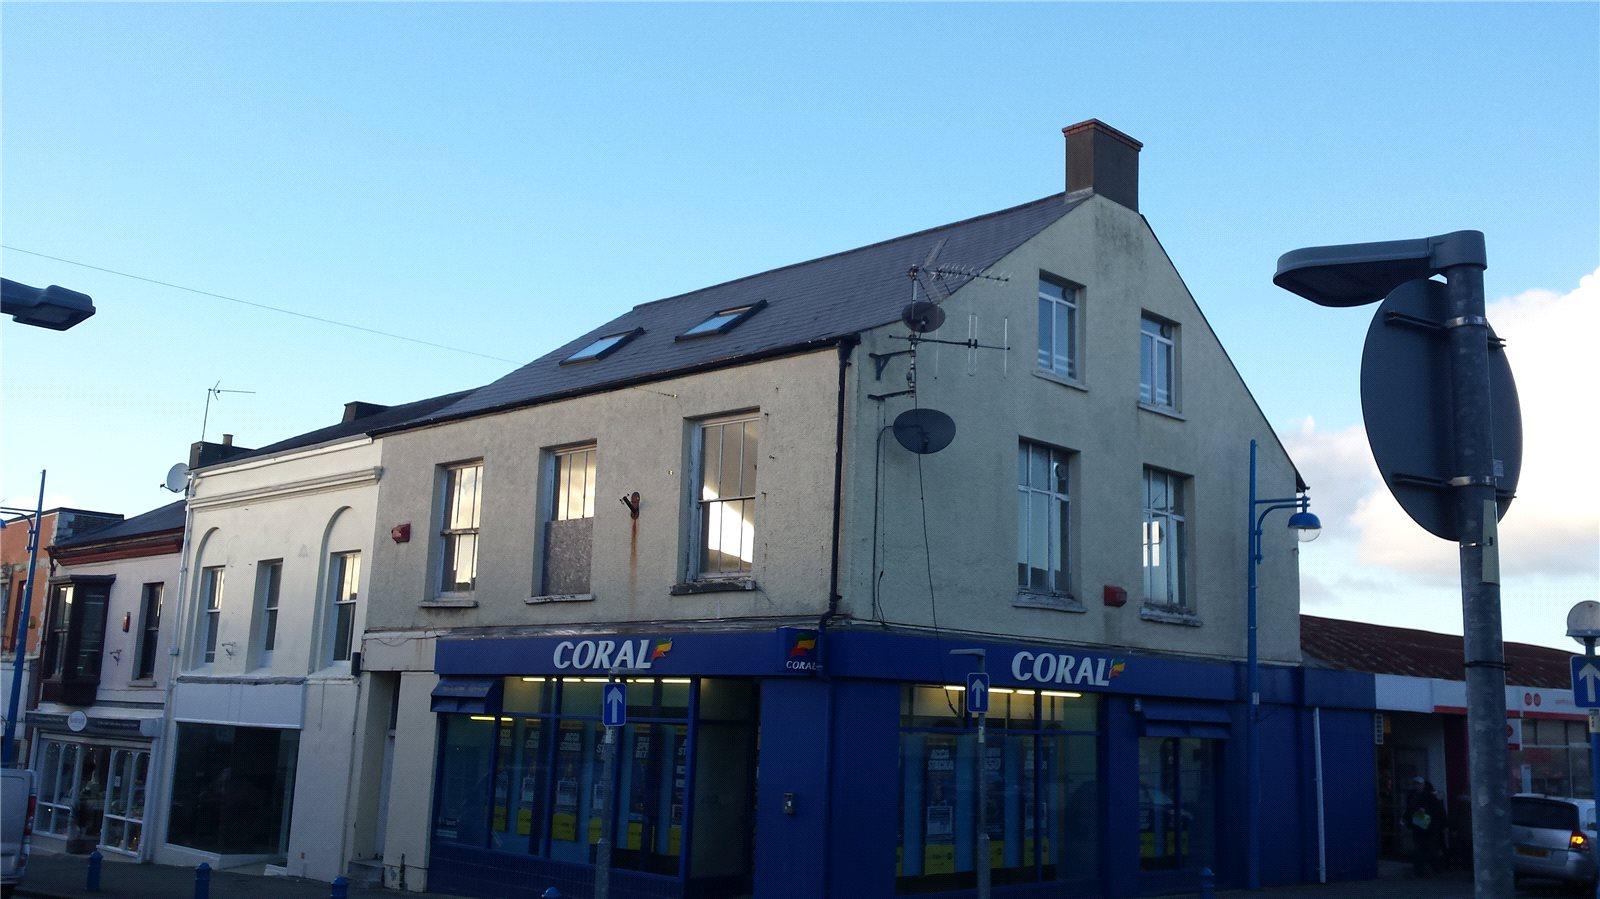 2 Bedrooms Flat for sale in Flat 2, Dimond Street, Pembroke Dock, Pembrokeshire